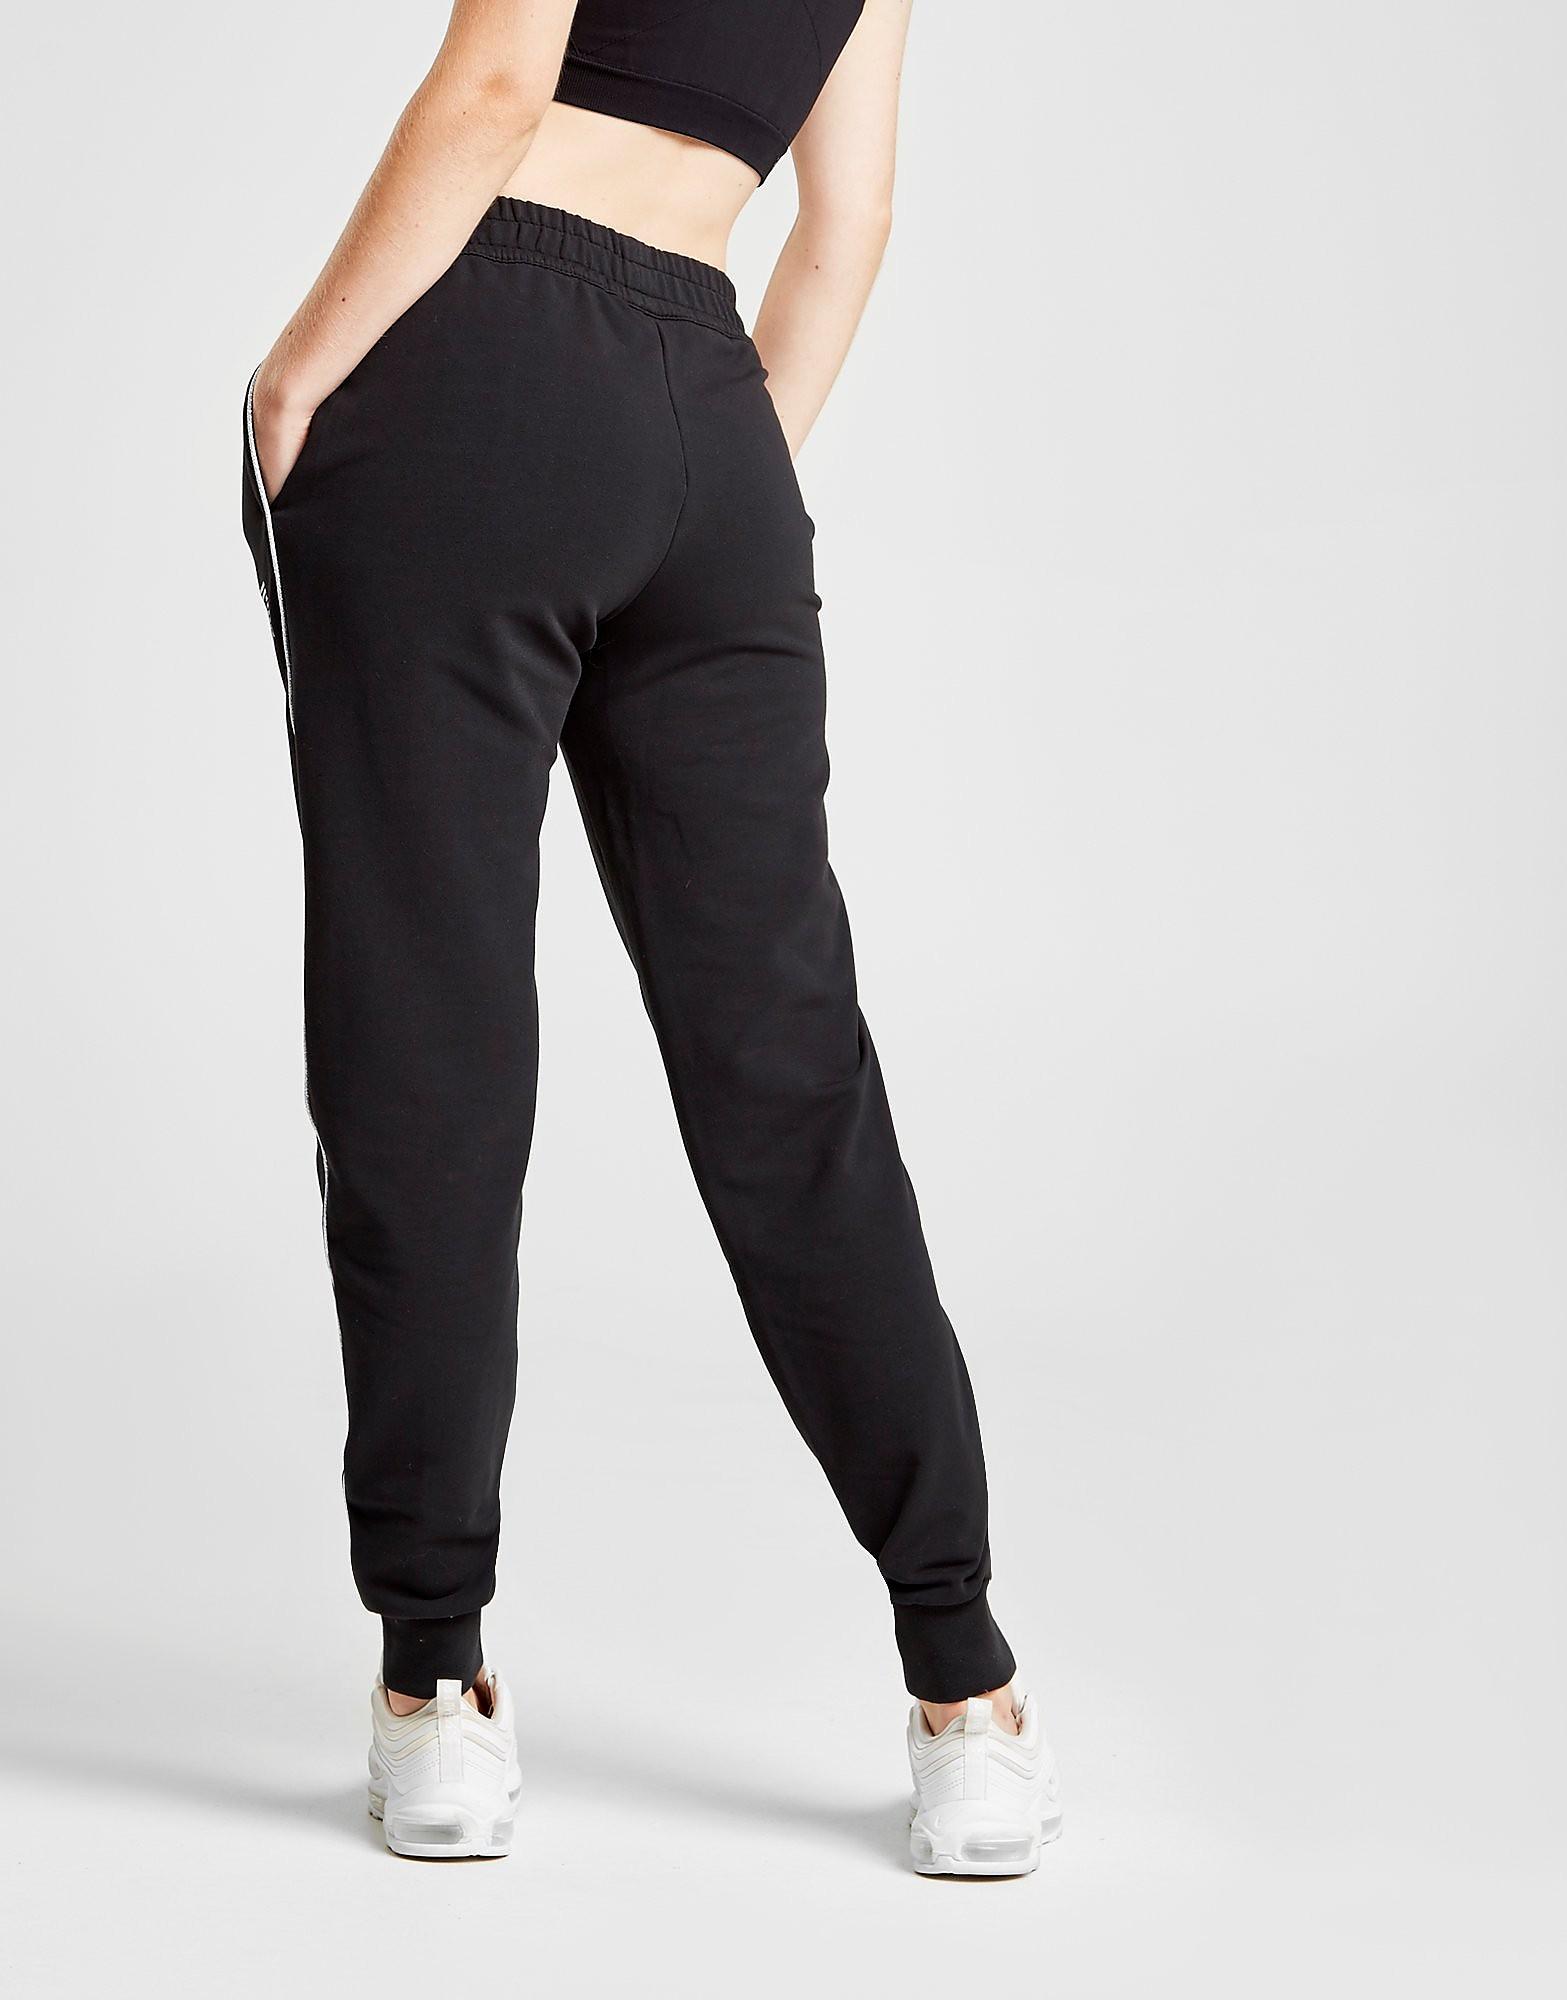 Emporio Armani EA7 Fleece Pants